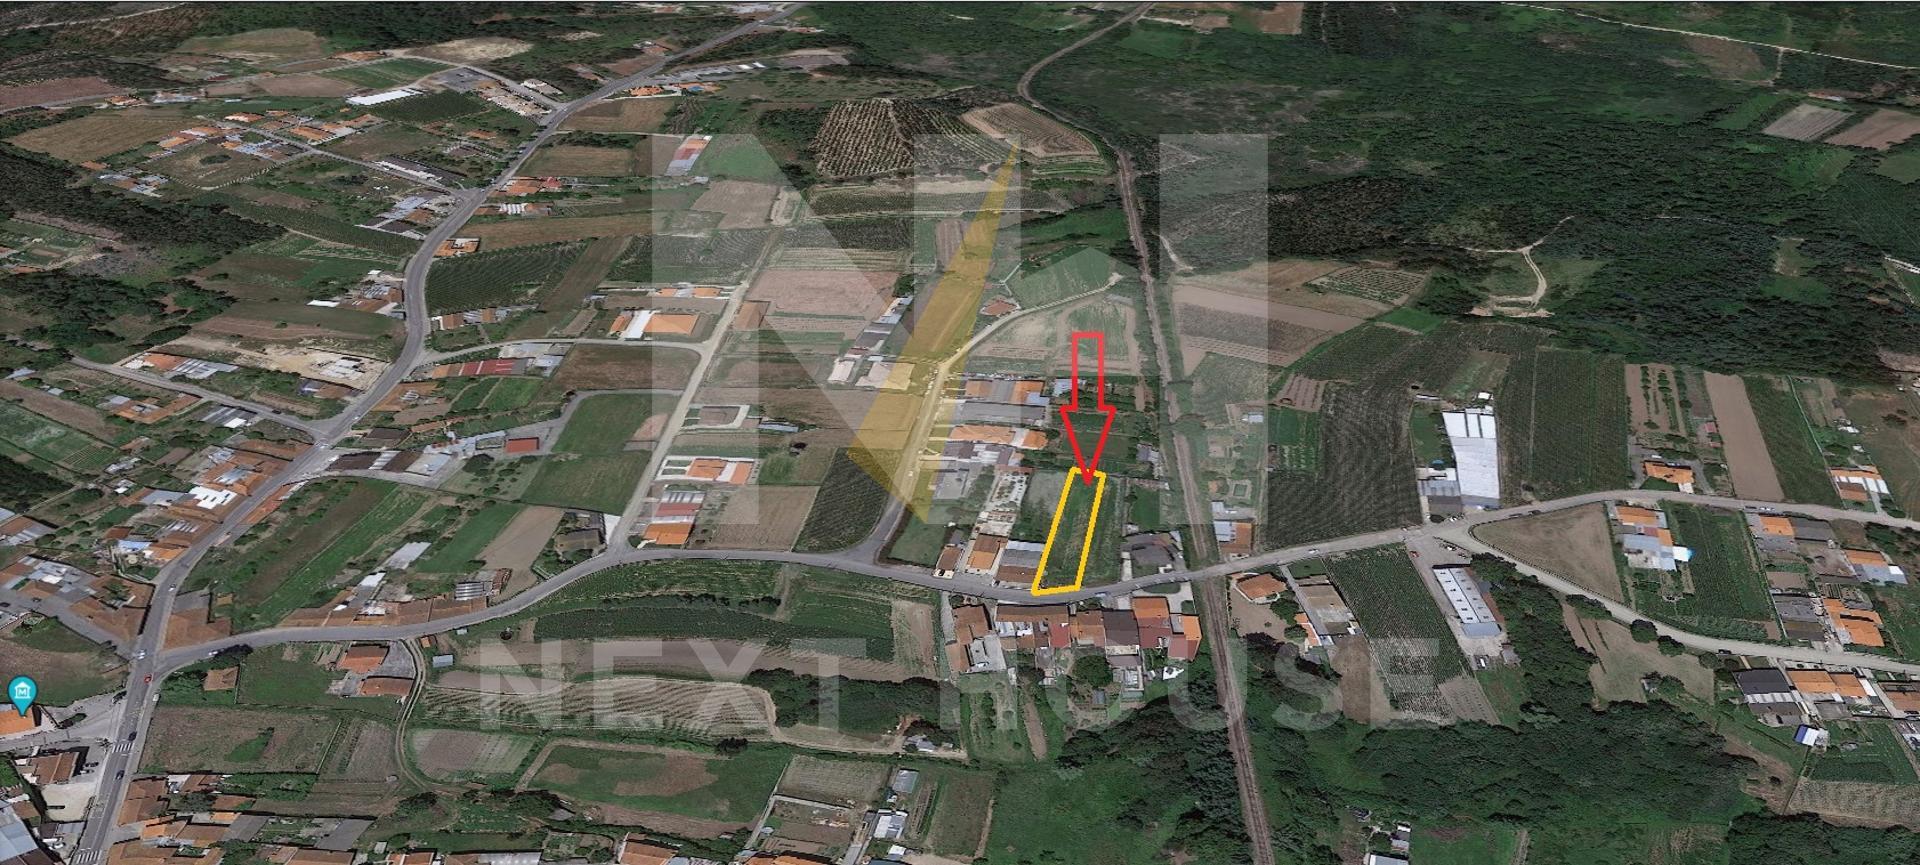 Terreno a 10min de Aveiro   - Aveiro, Eixo E Eirol